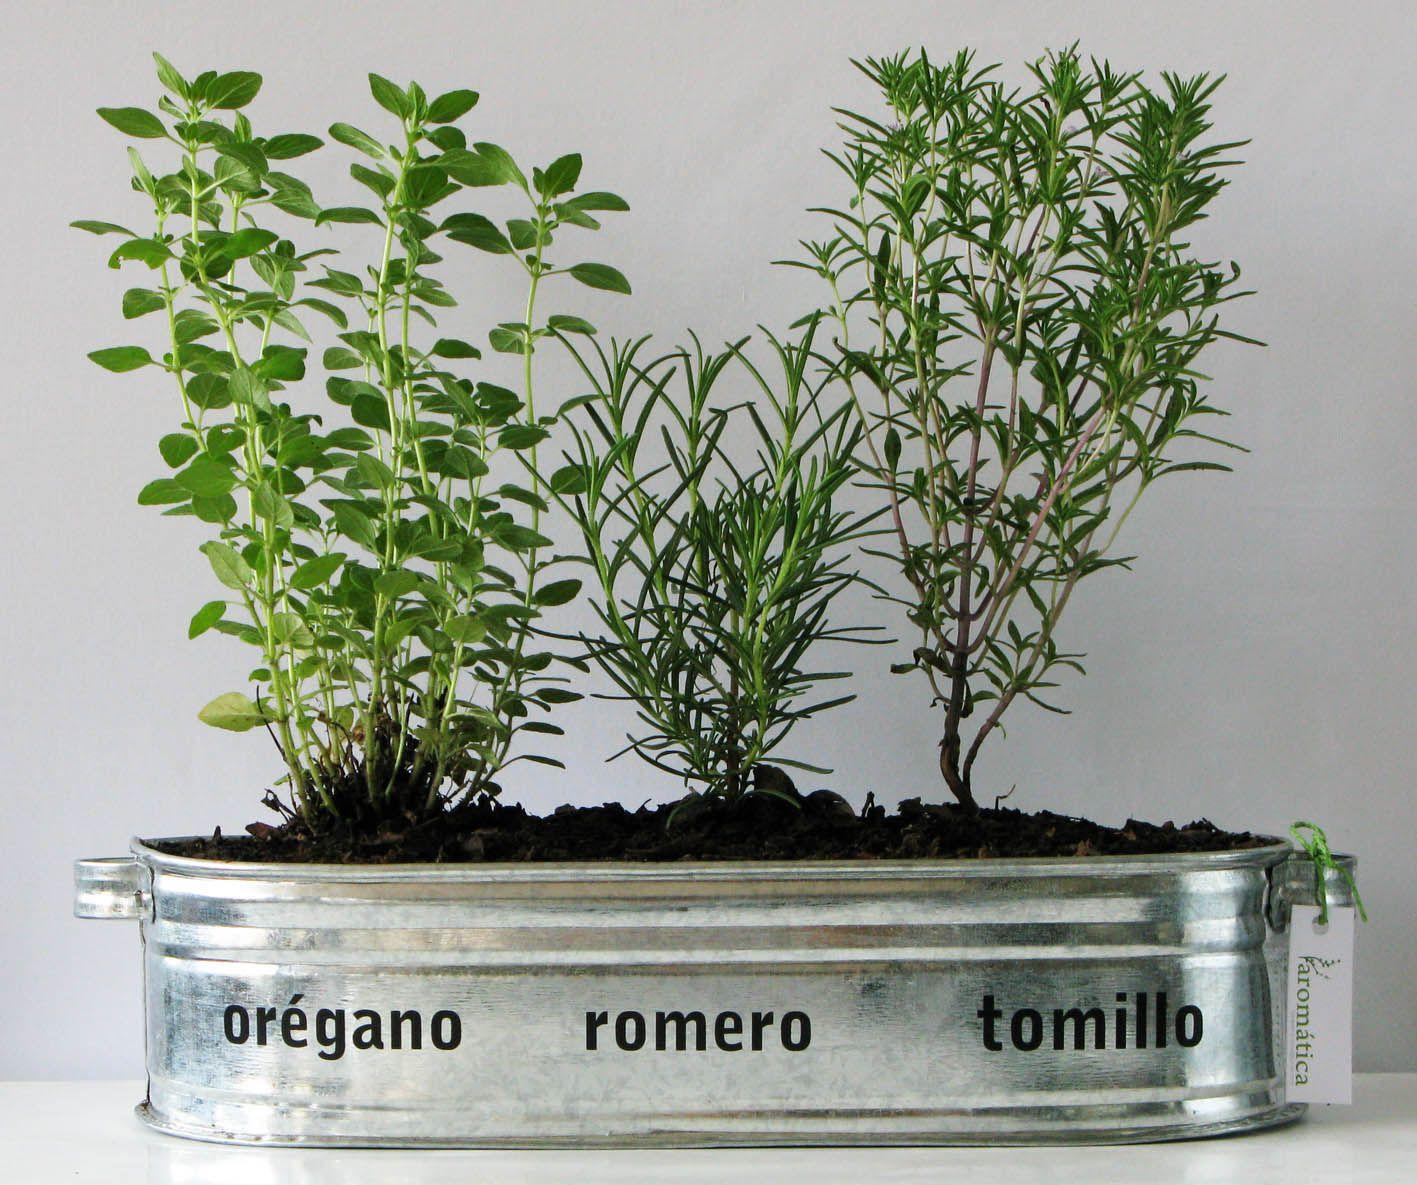 Tanto Que Aportan Estas Hierbas Macetas Plantas Aromaticas Macetas De Hierbas Cultivar Hierba